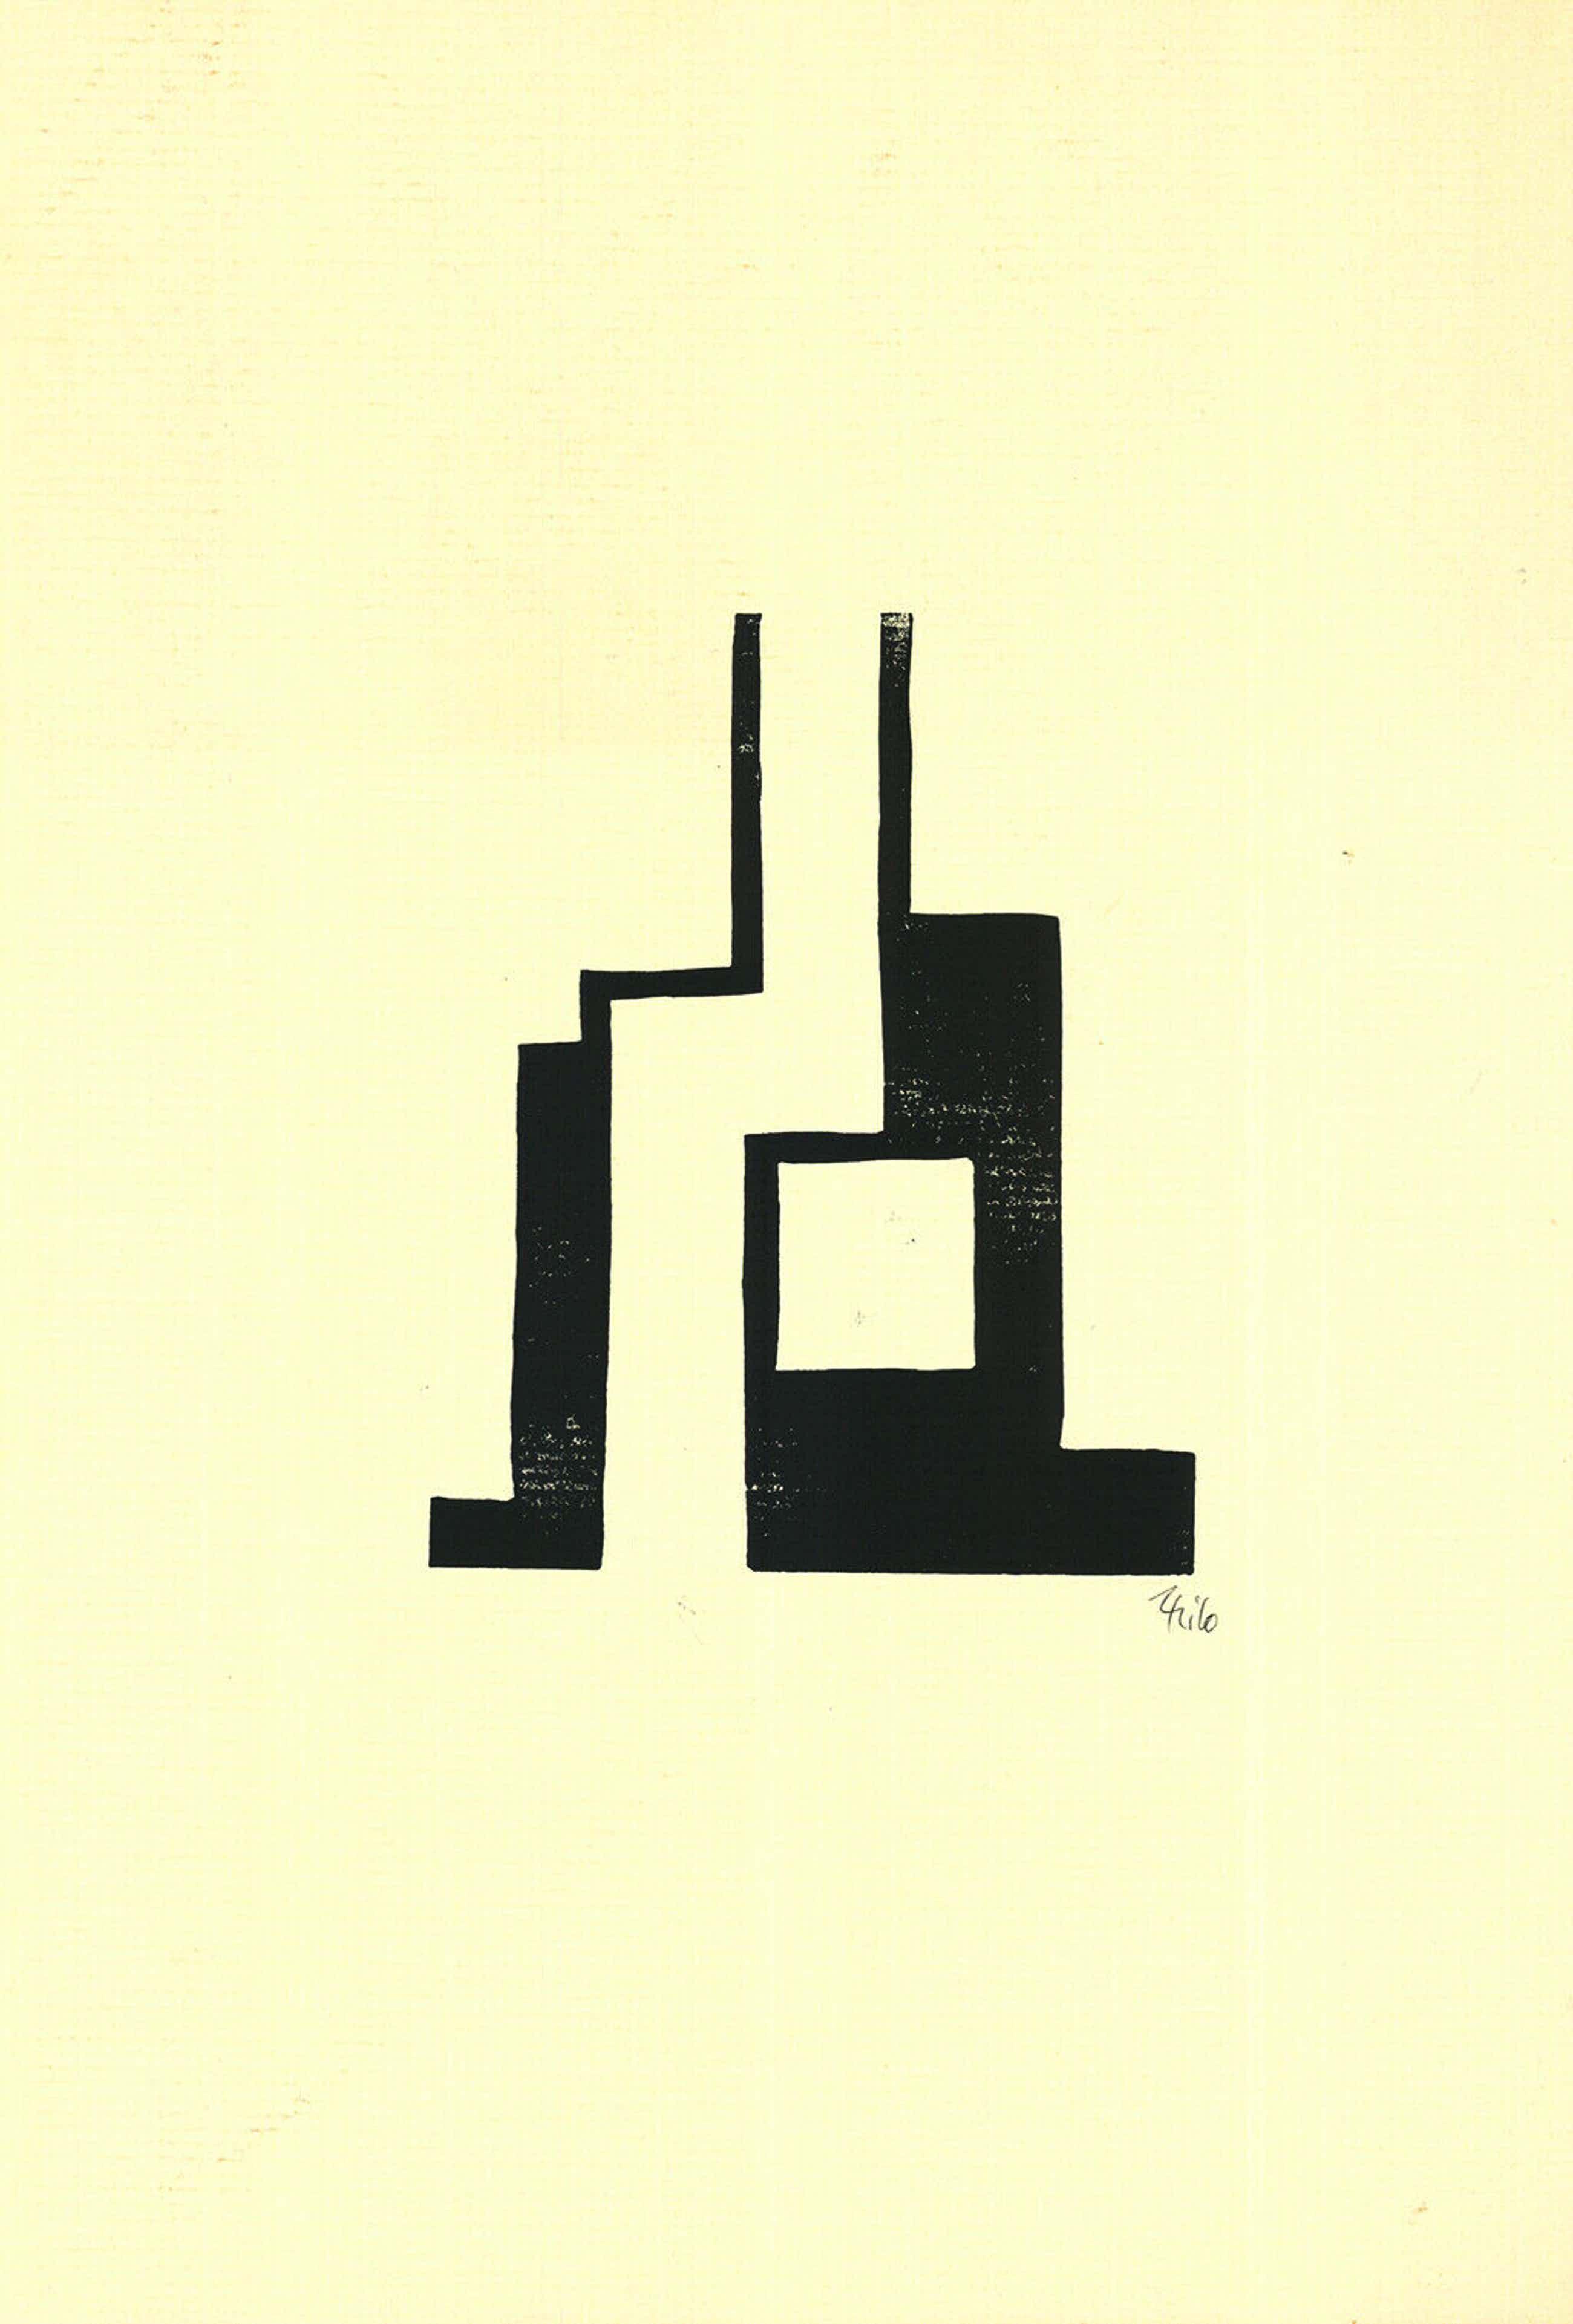 Thilo Maatsch - Handgesigneerde houtsnede: Geometrische Compositie kopen? Bied vanaf 75!